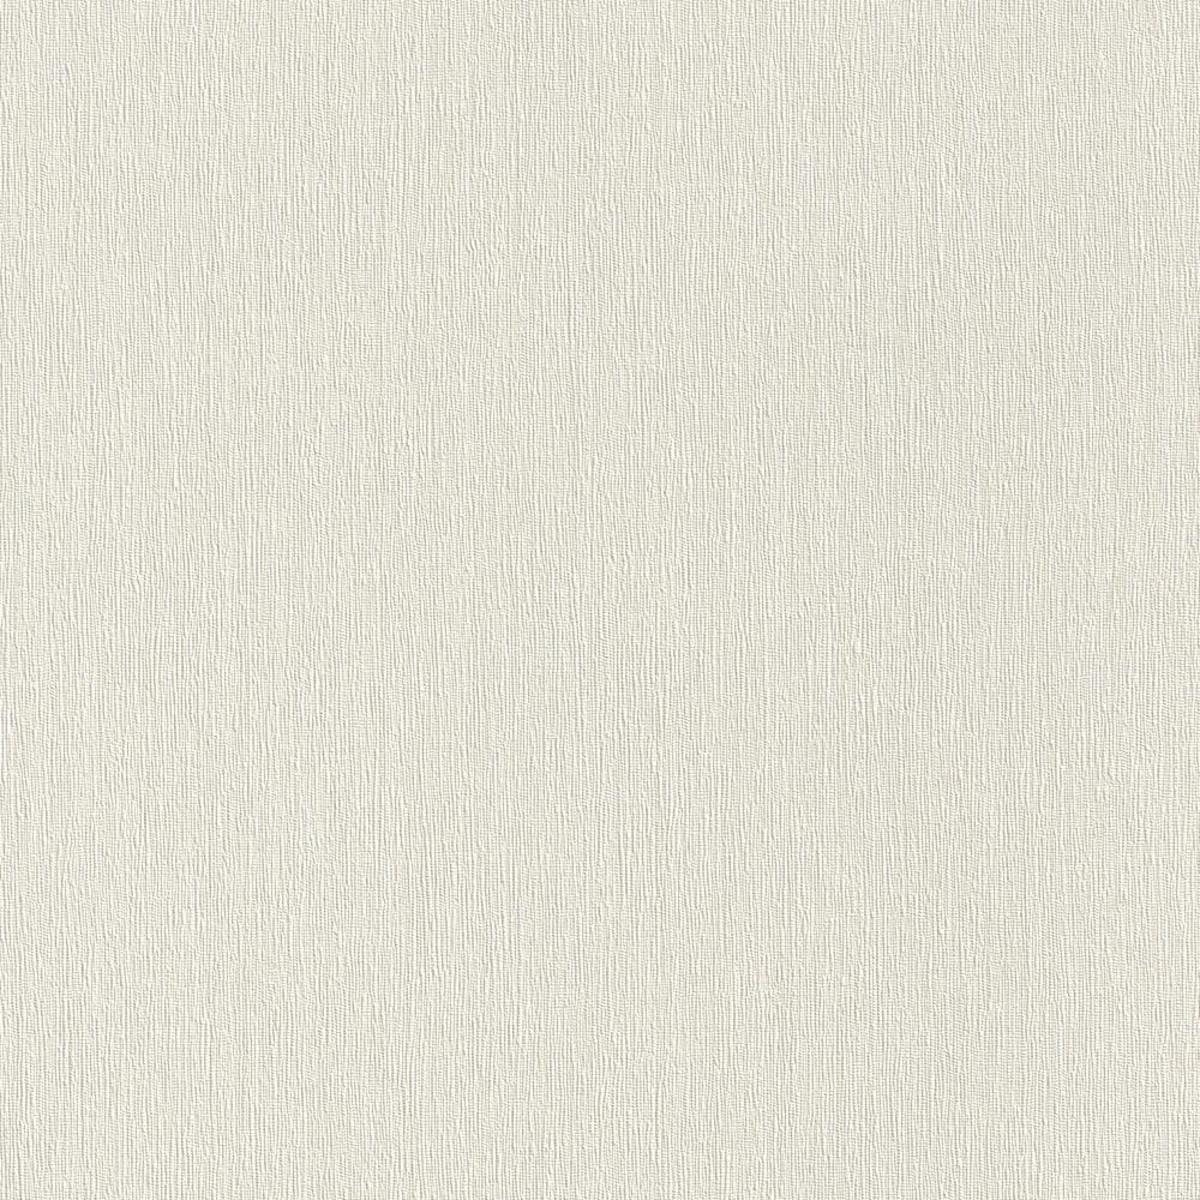 Обои флизелиновые Rasch Amelie бежевые 0.53 м 573312